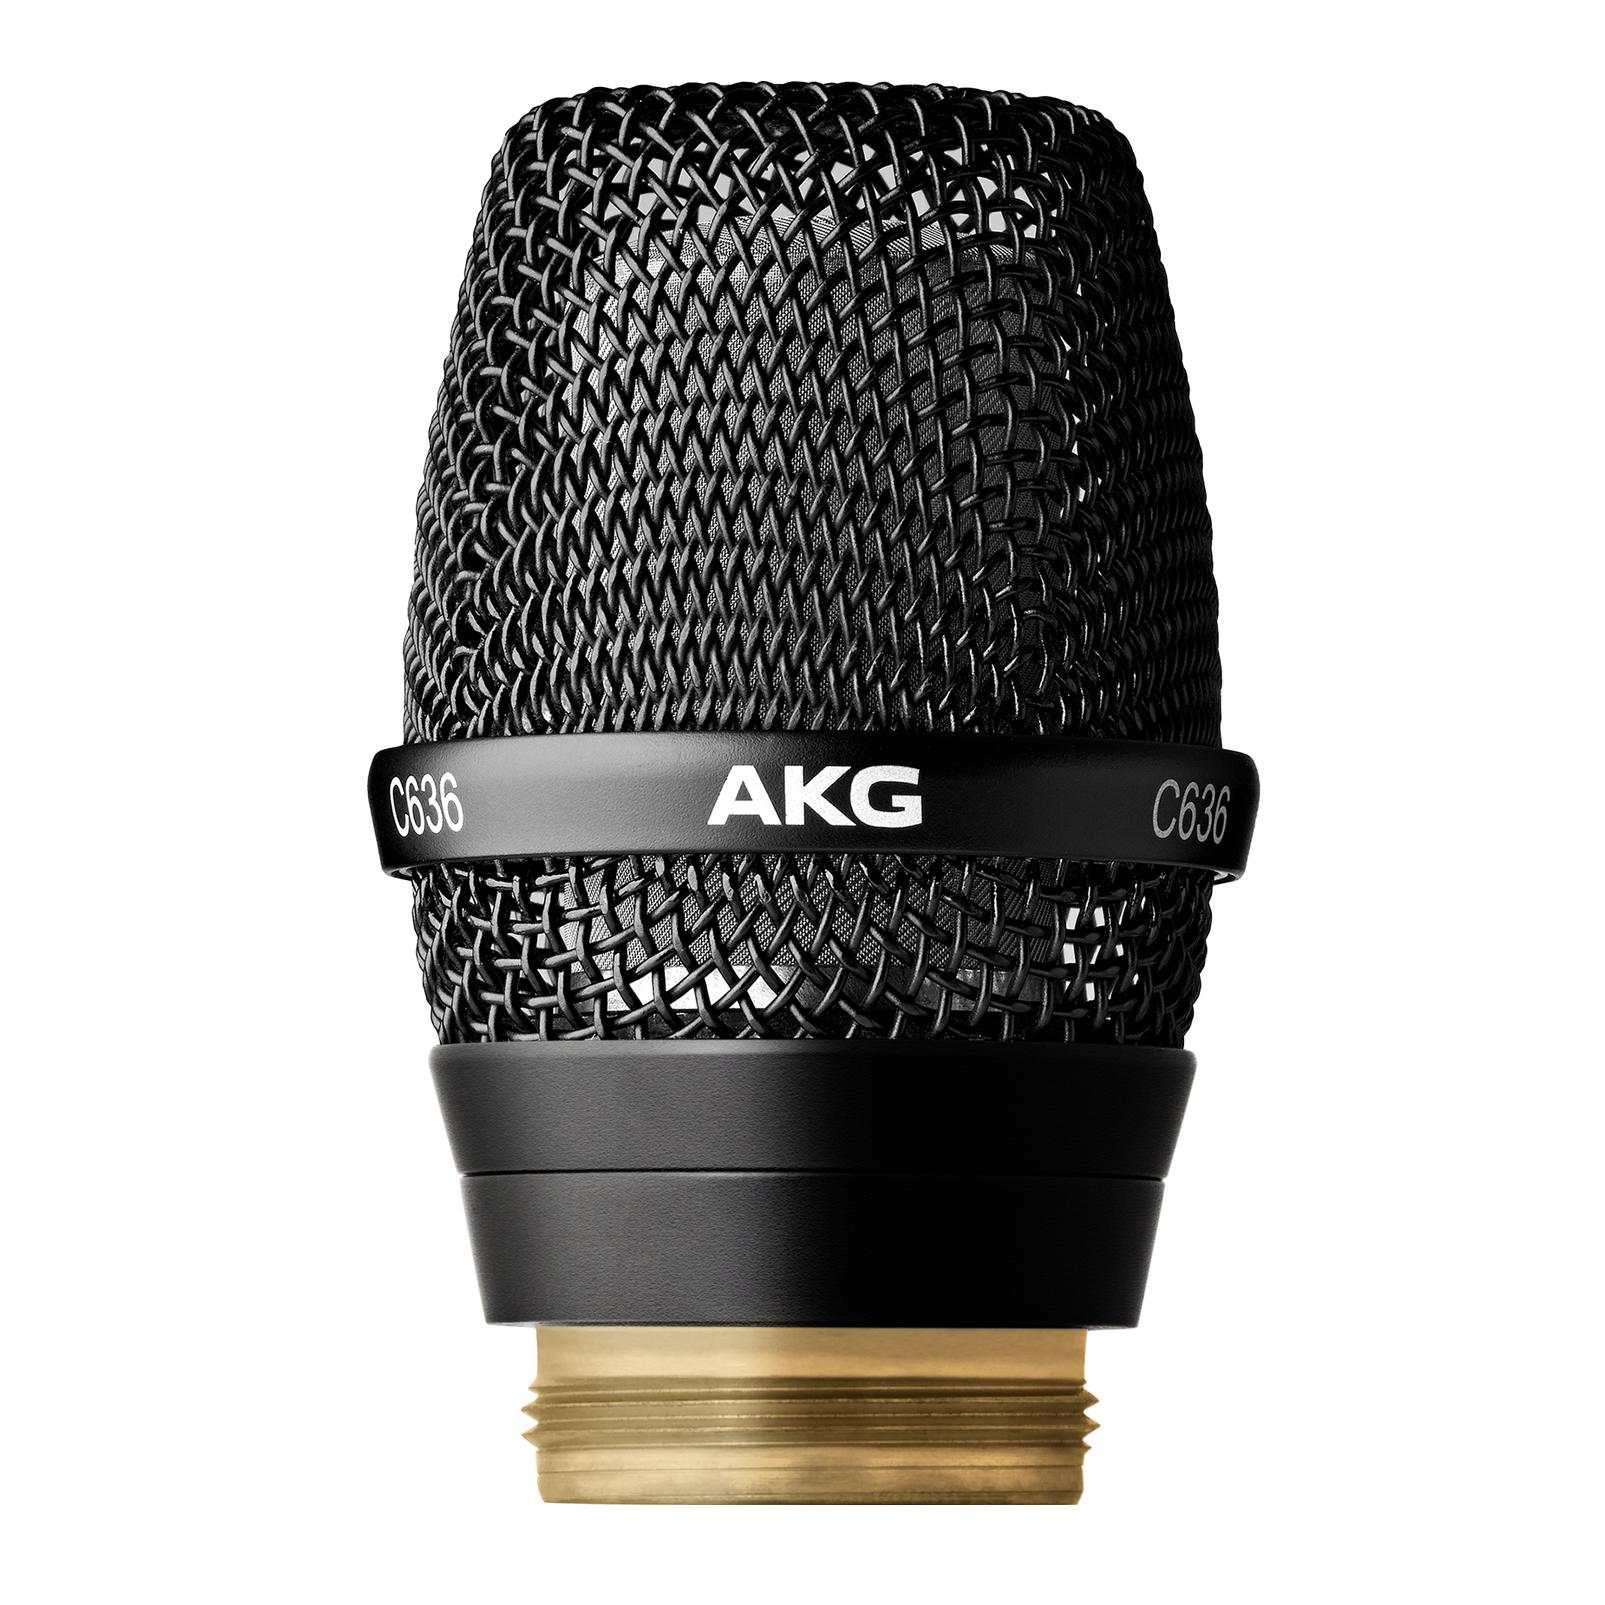 AKG C-636 WL1